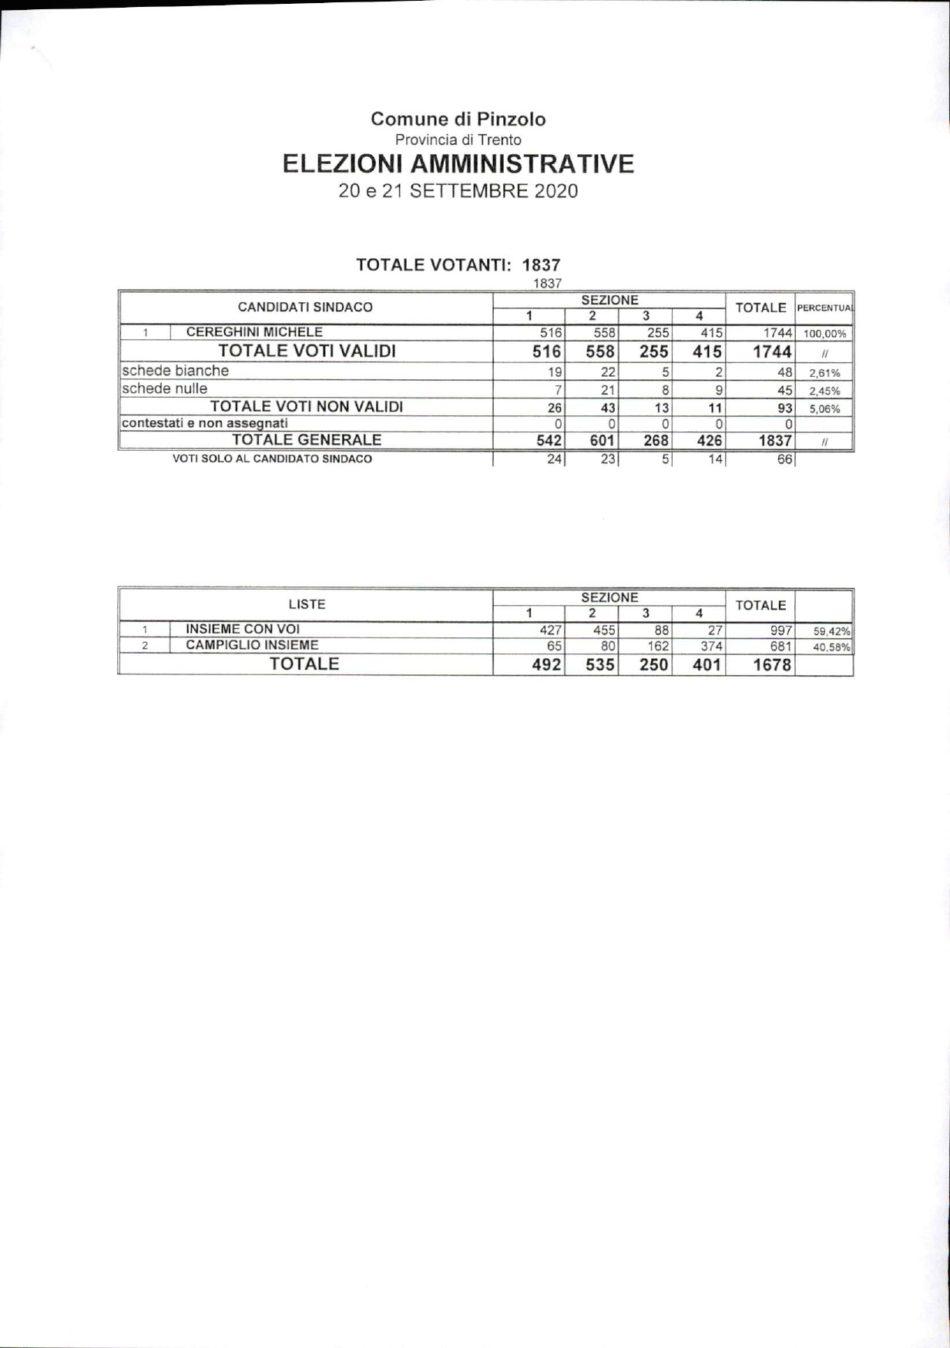 Elezioni Amministrative 20 e 21 settembre 2020